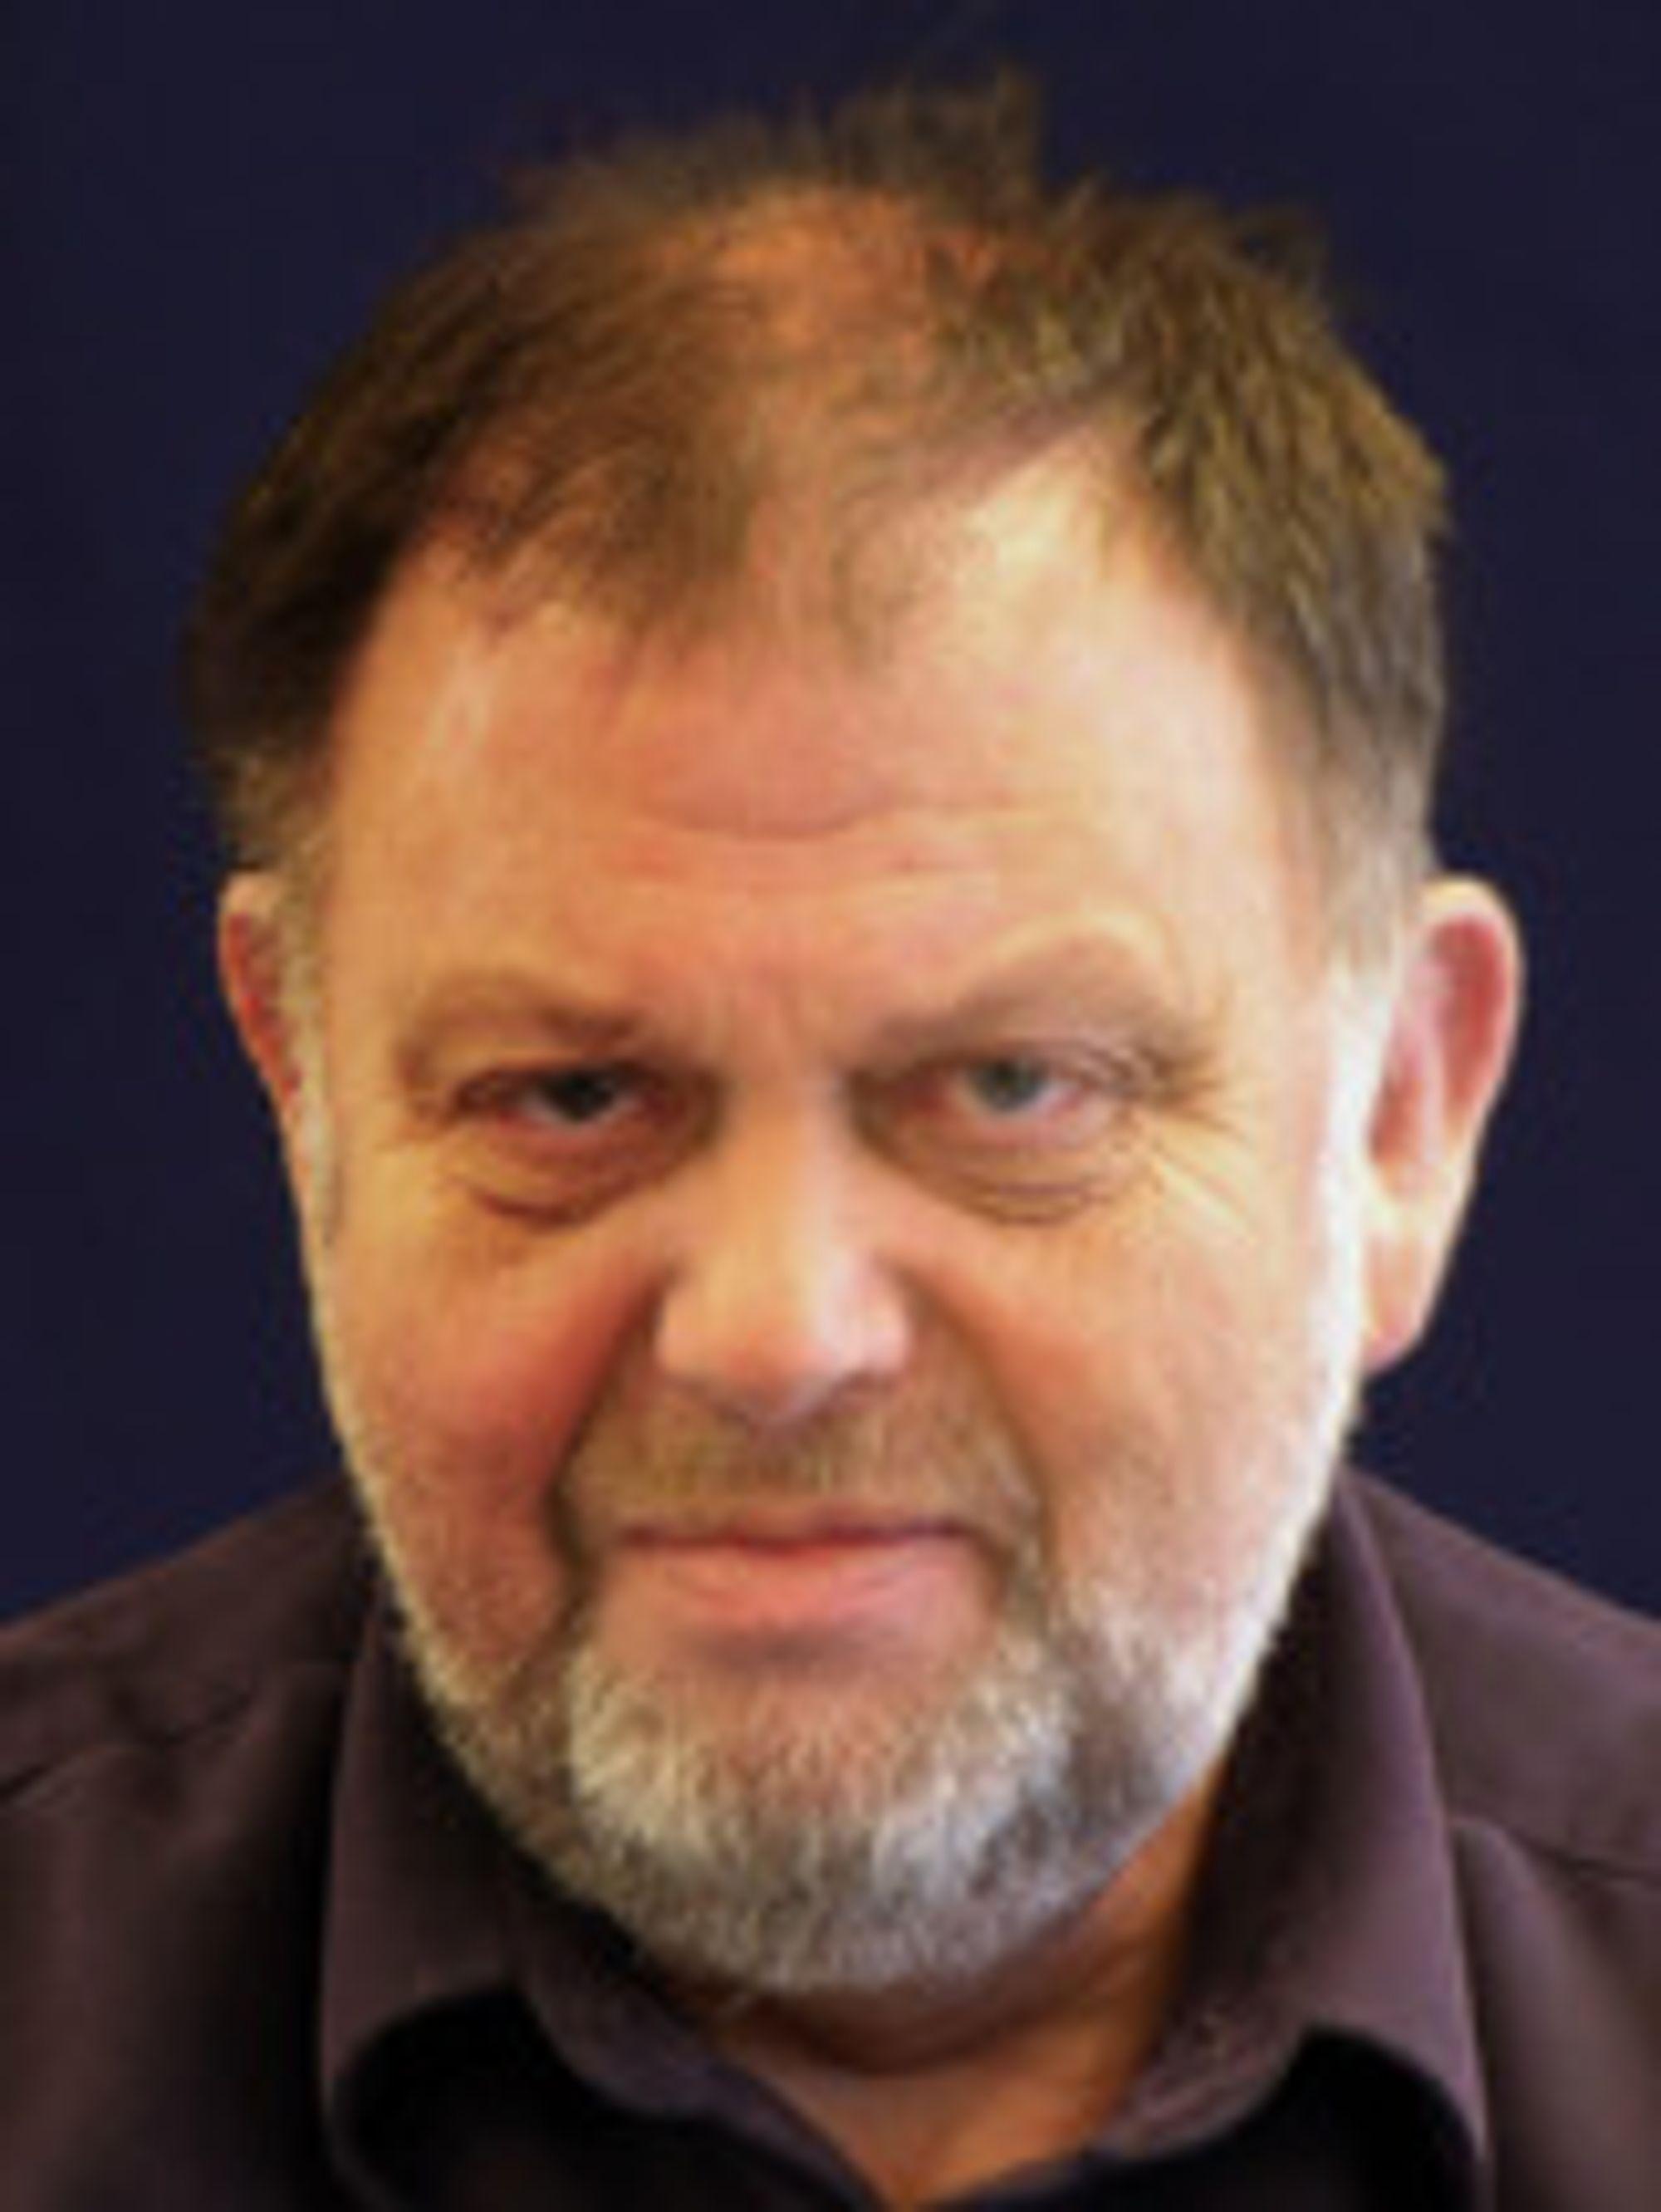 Forteller om press: Jan Arild Audestad har mer enn 40 års erfaring innen telekommunikasjon.